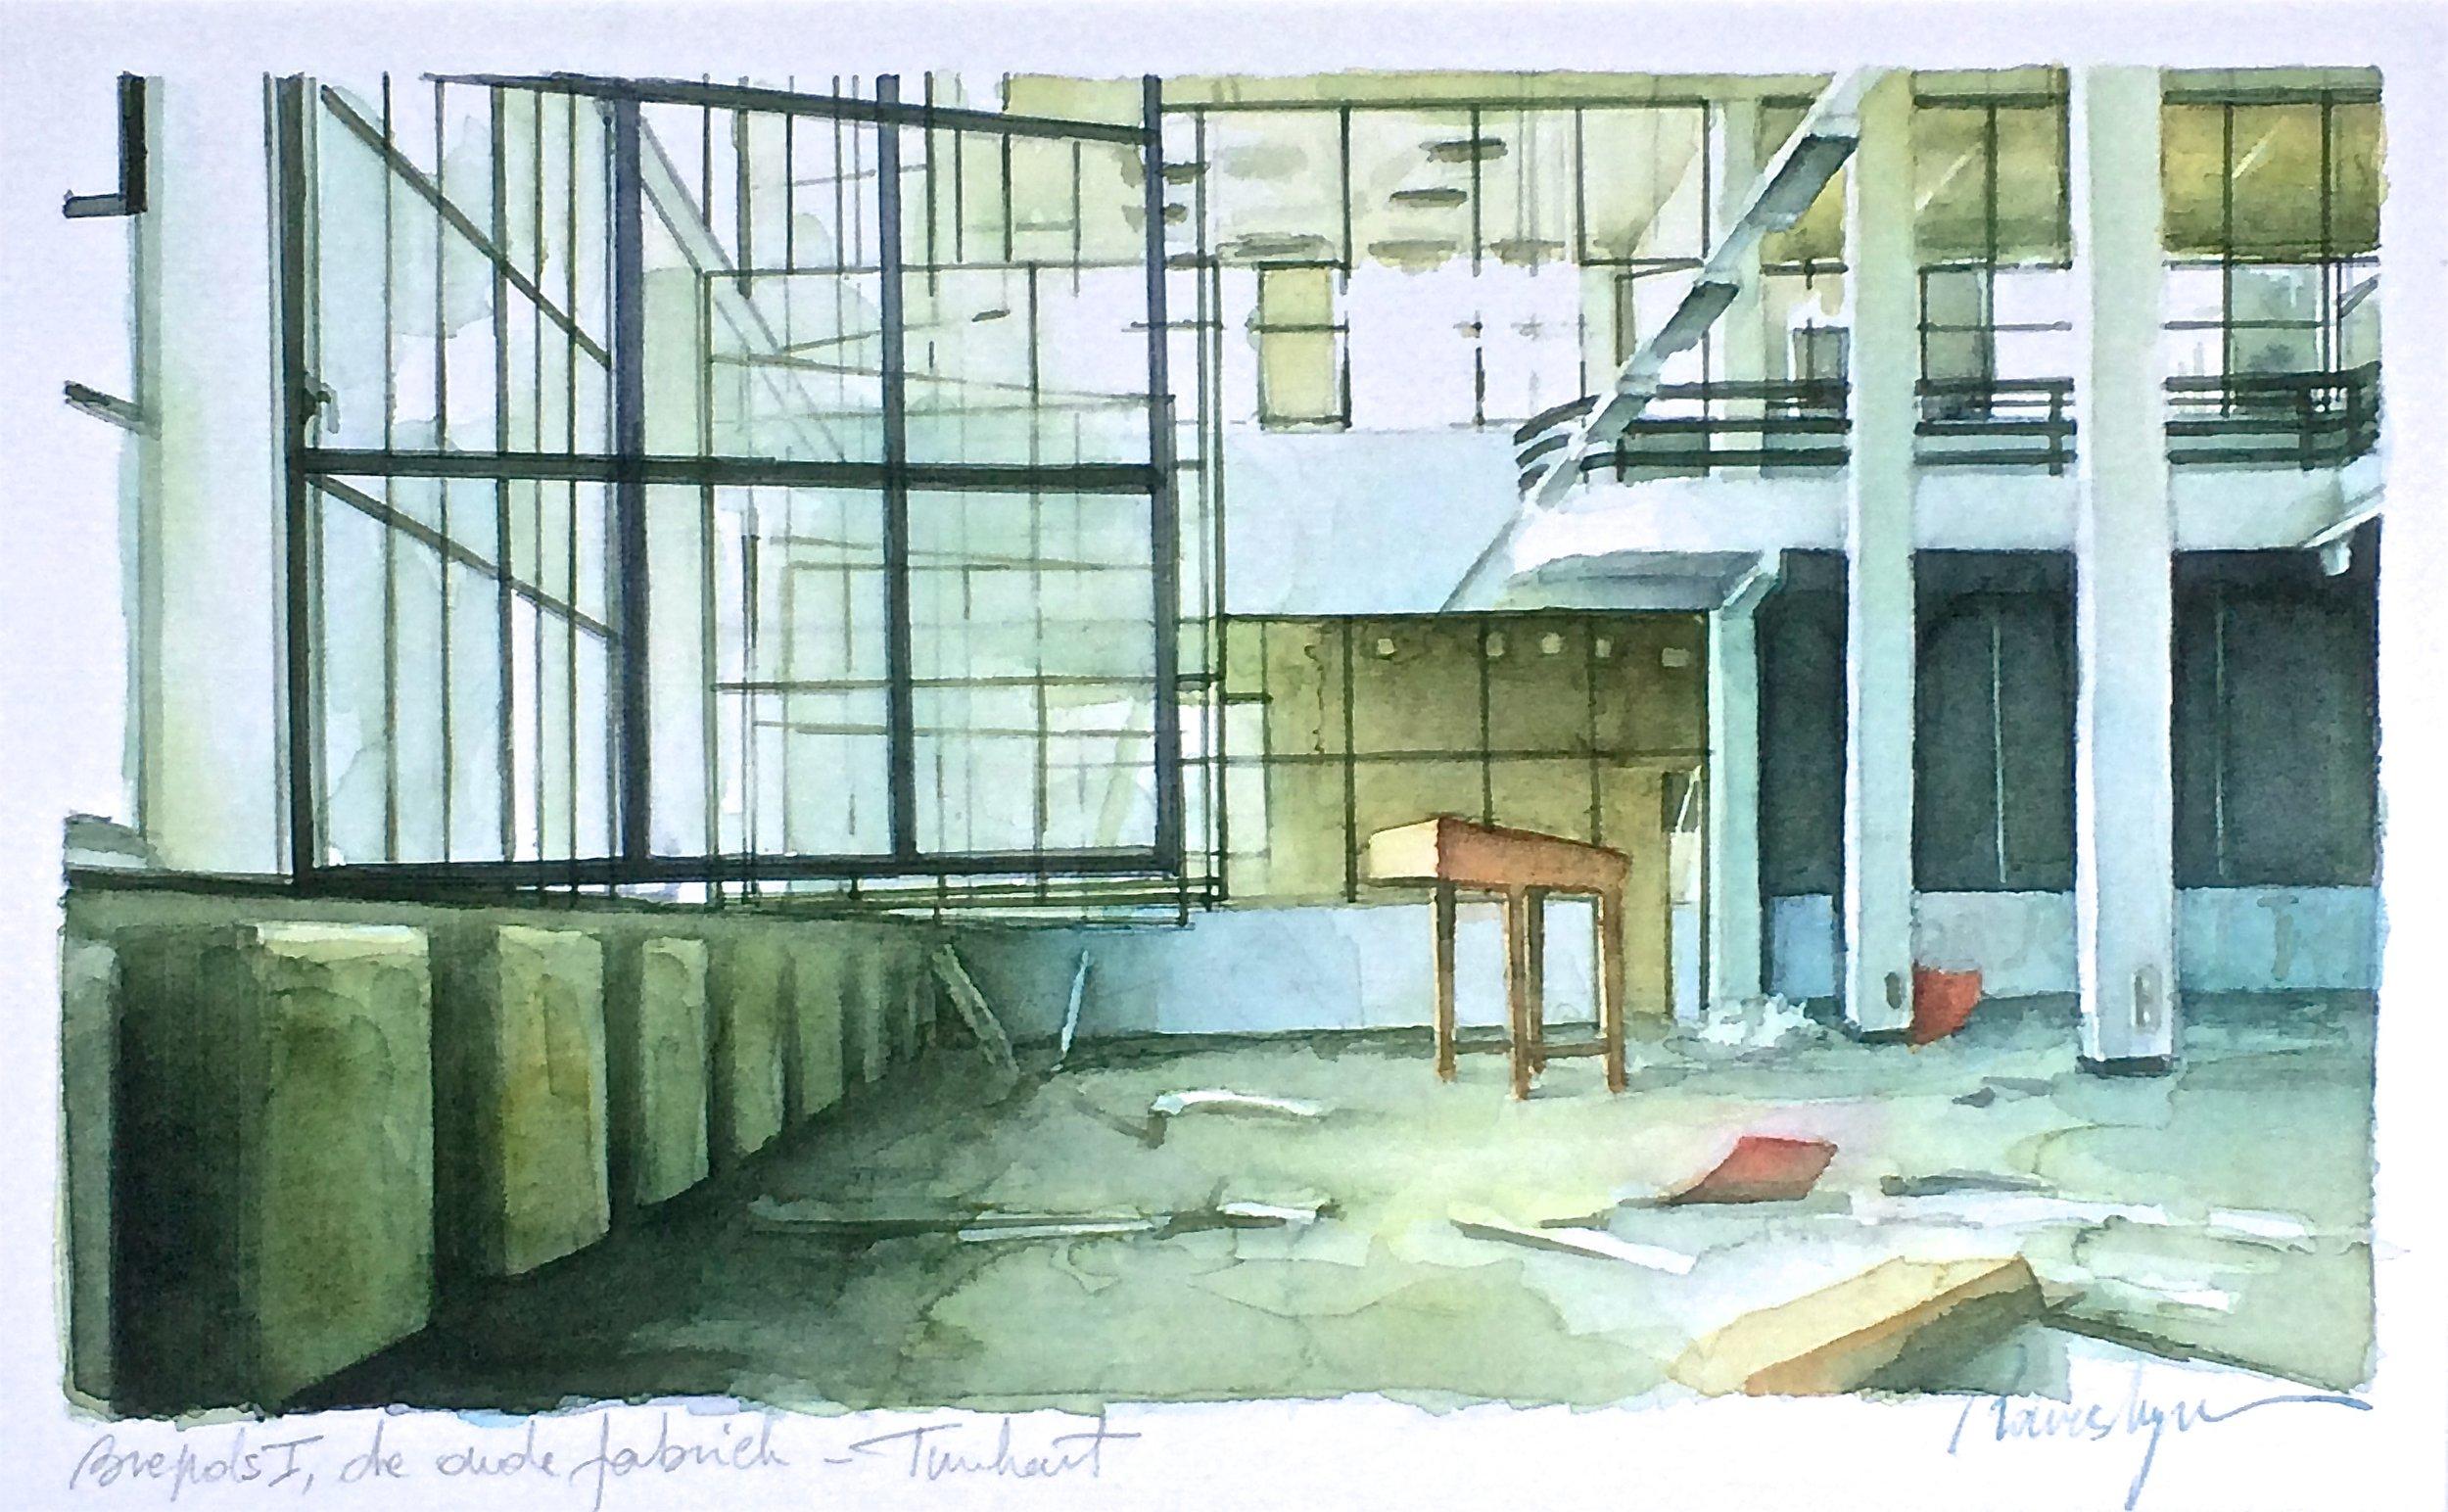 Brepols I, de oude fabriek aquarel op Fabriano 300g